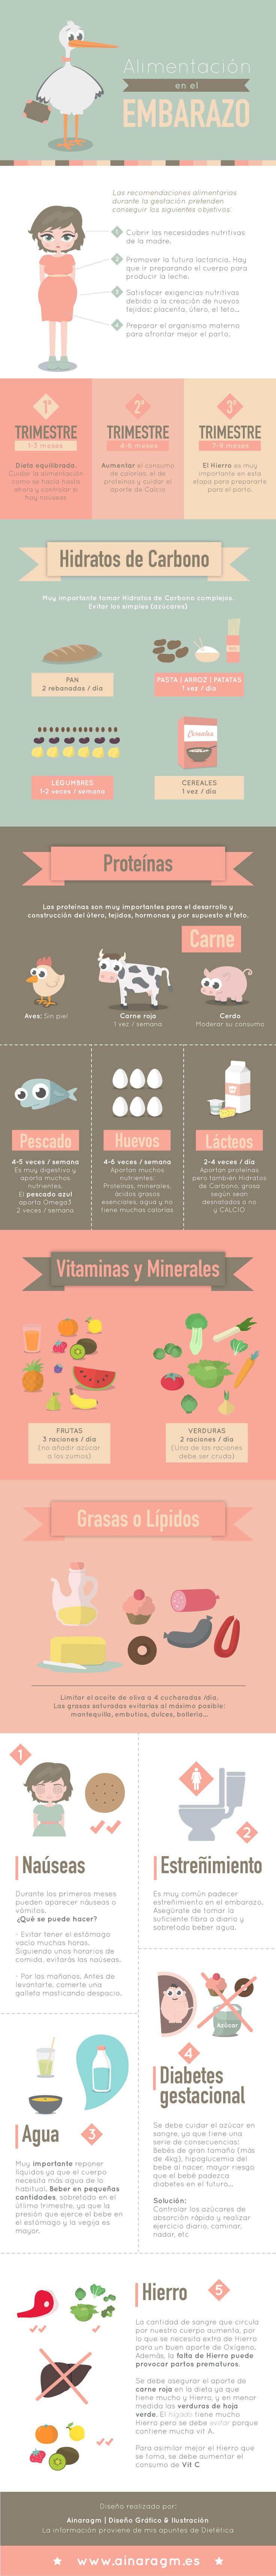 #Infografia Alimentación en el embarazo via @ainaragm